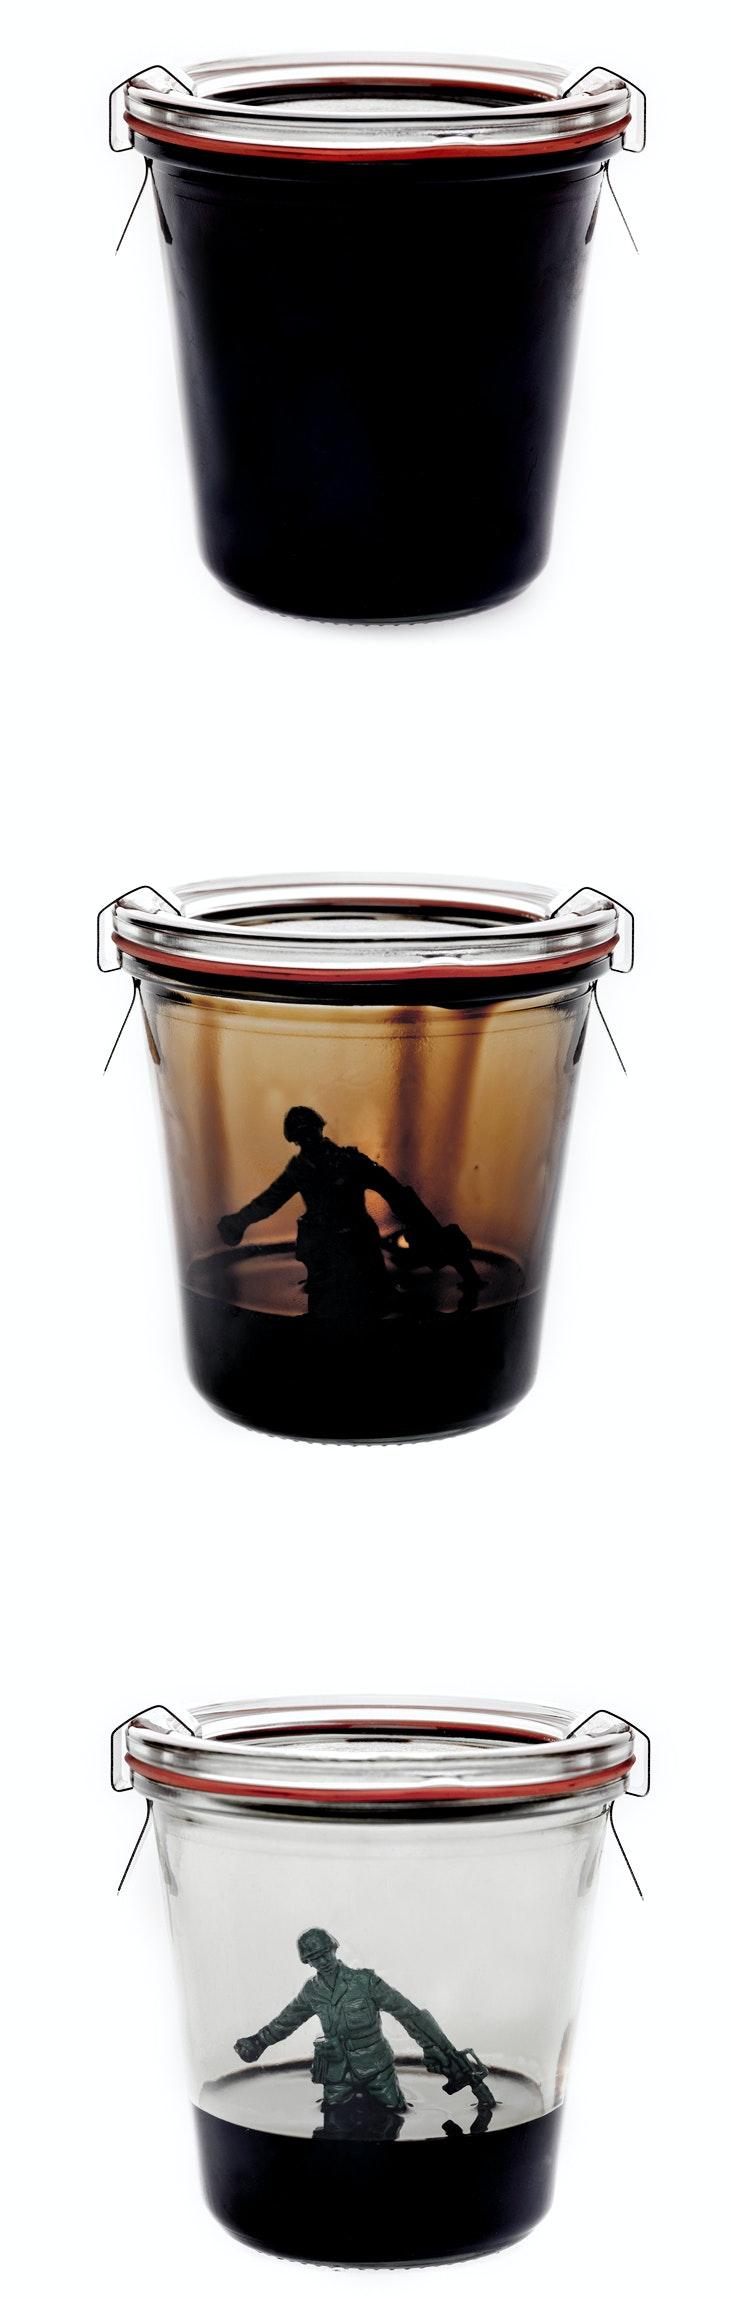 Sebastian Wanke, Essenz, Öl, Soldat, Weck, Glas